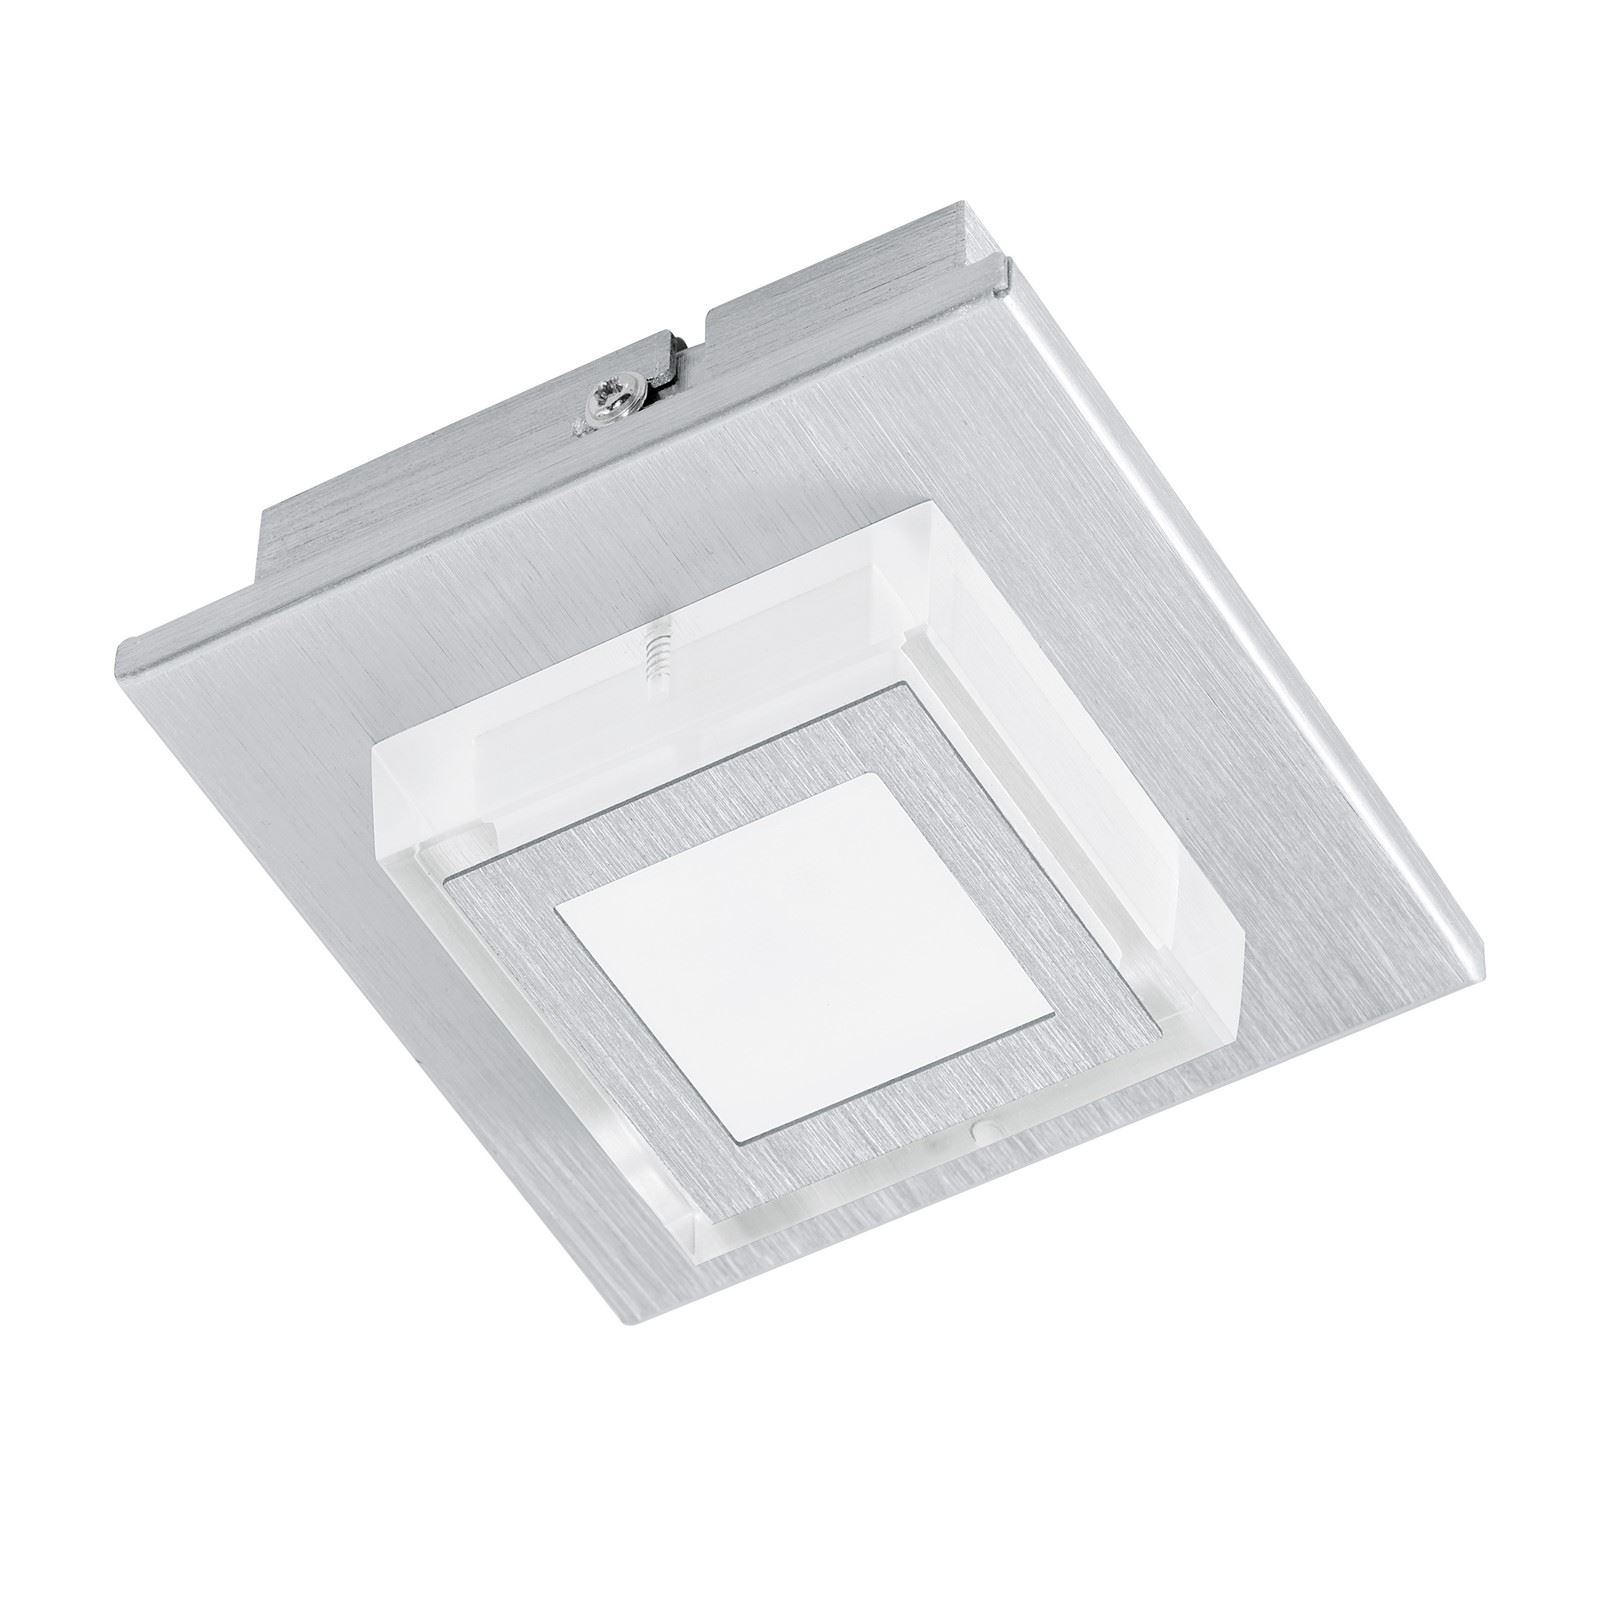 Masiano LED Ceiling/Wall Light Aluminium Brushed Satin